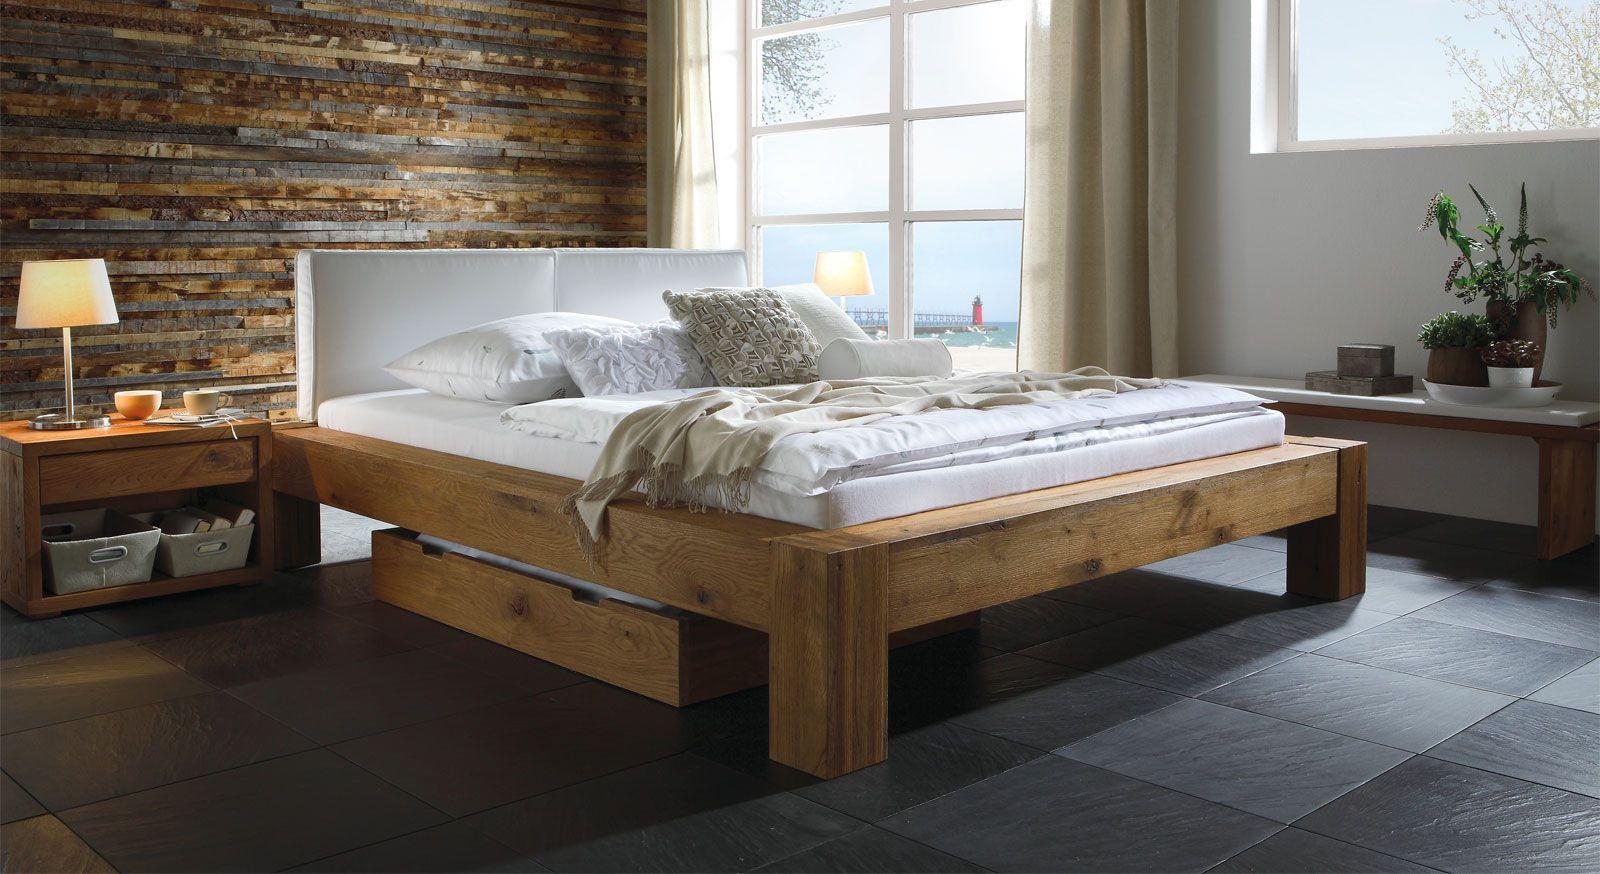 Hasena Betten Eichenbetten, Schlafzimmer design, Bett modern